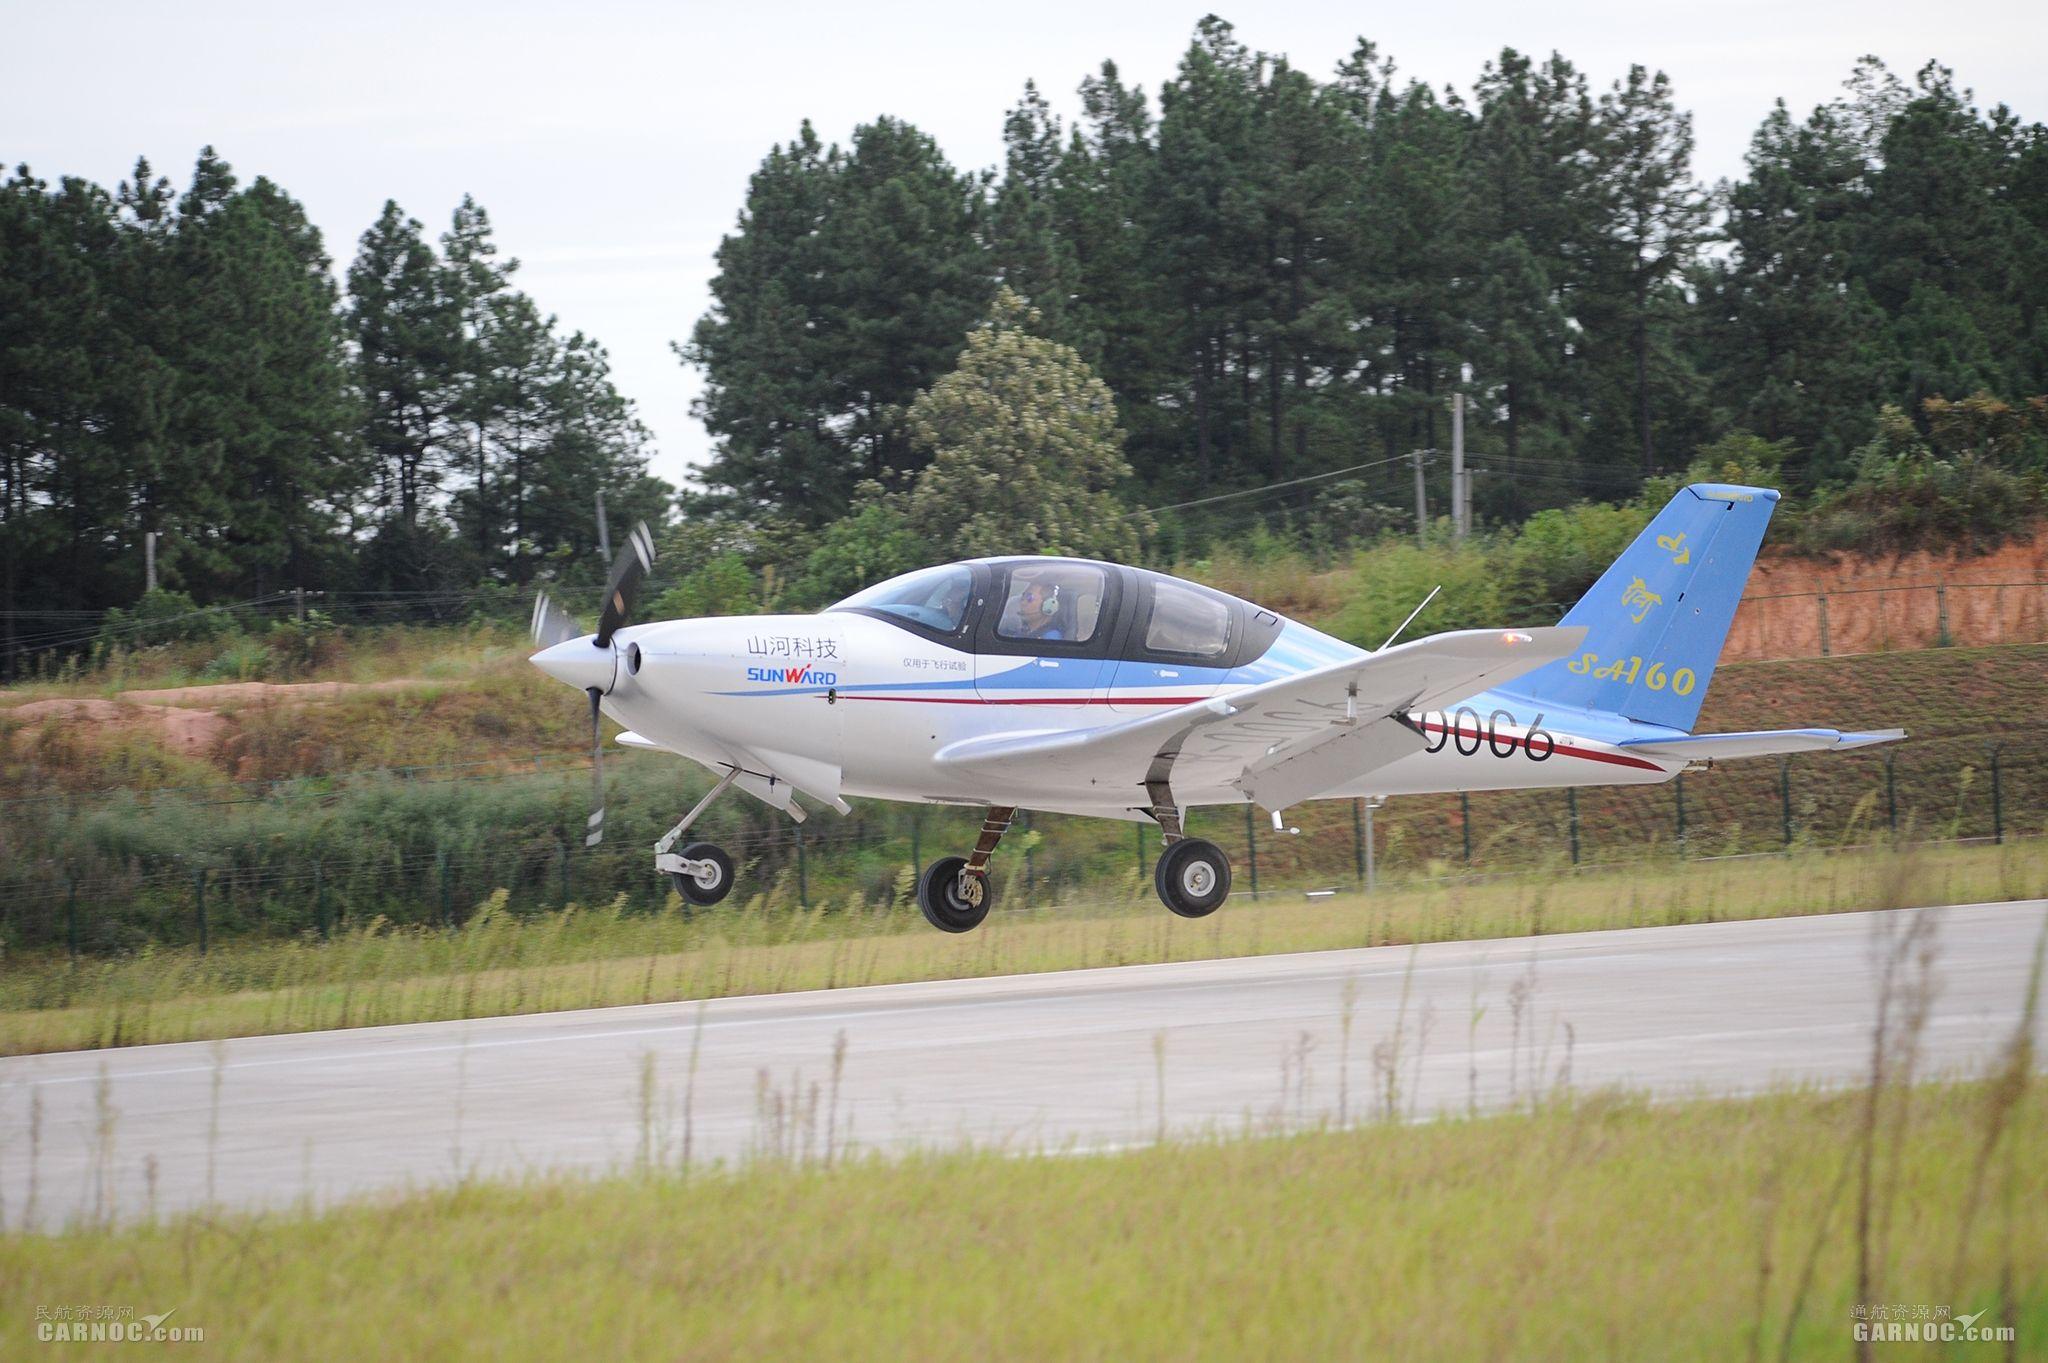 国产首款全复合材料五座飞机SA160L成功首飞